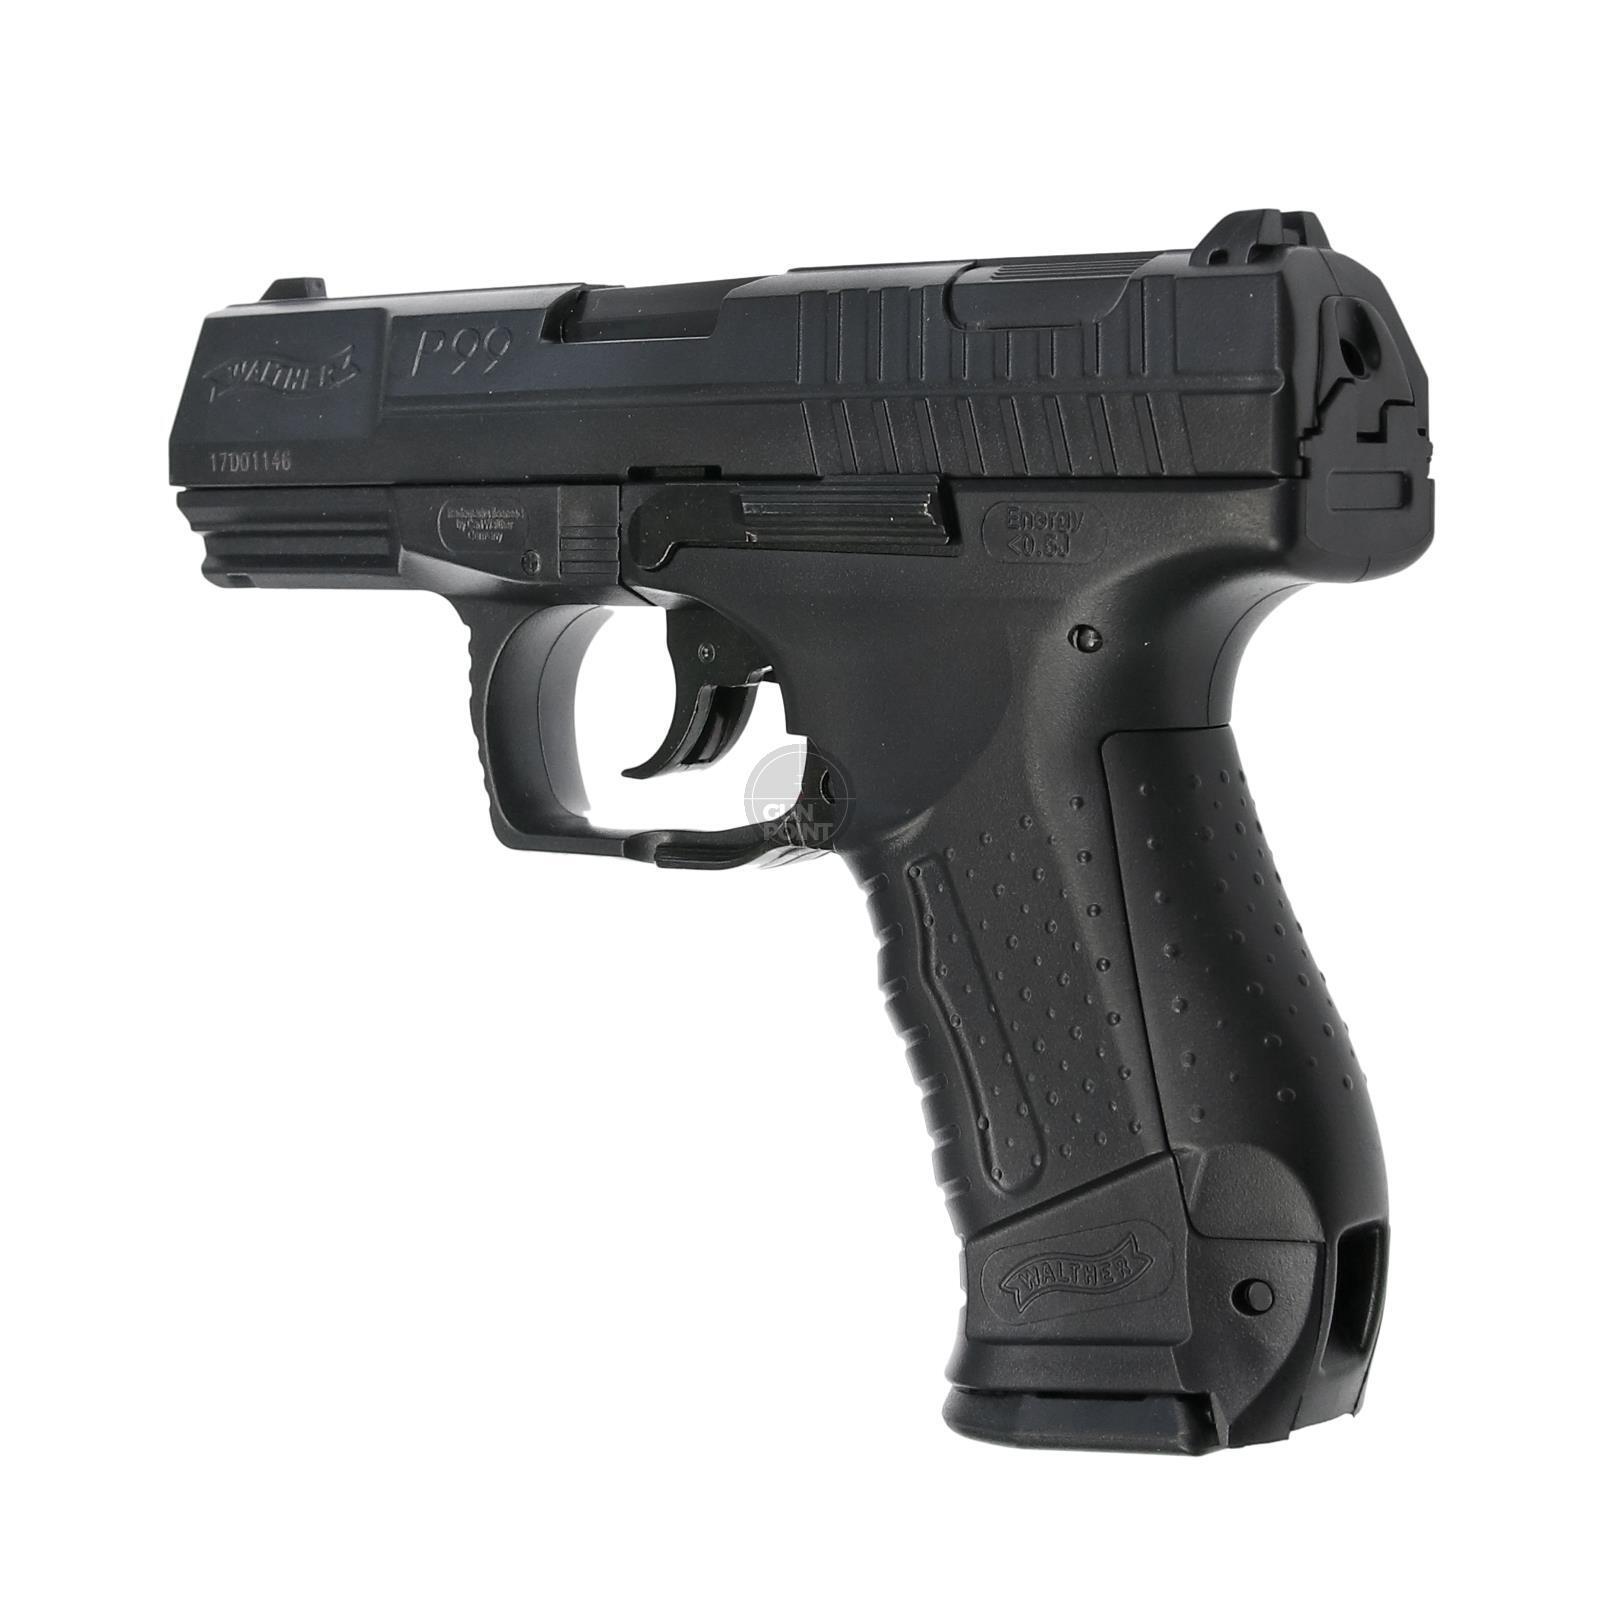 Walther P99 Ab 14 Unter 0 5 Joule 187 Gunpoint De Ihr